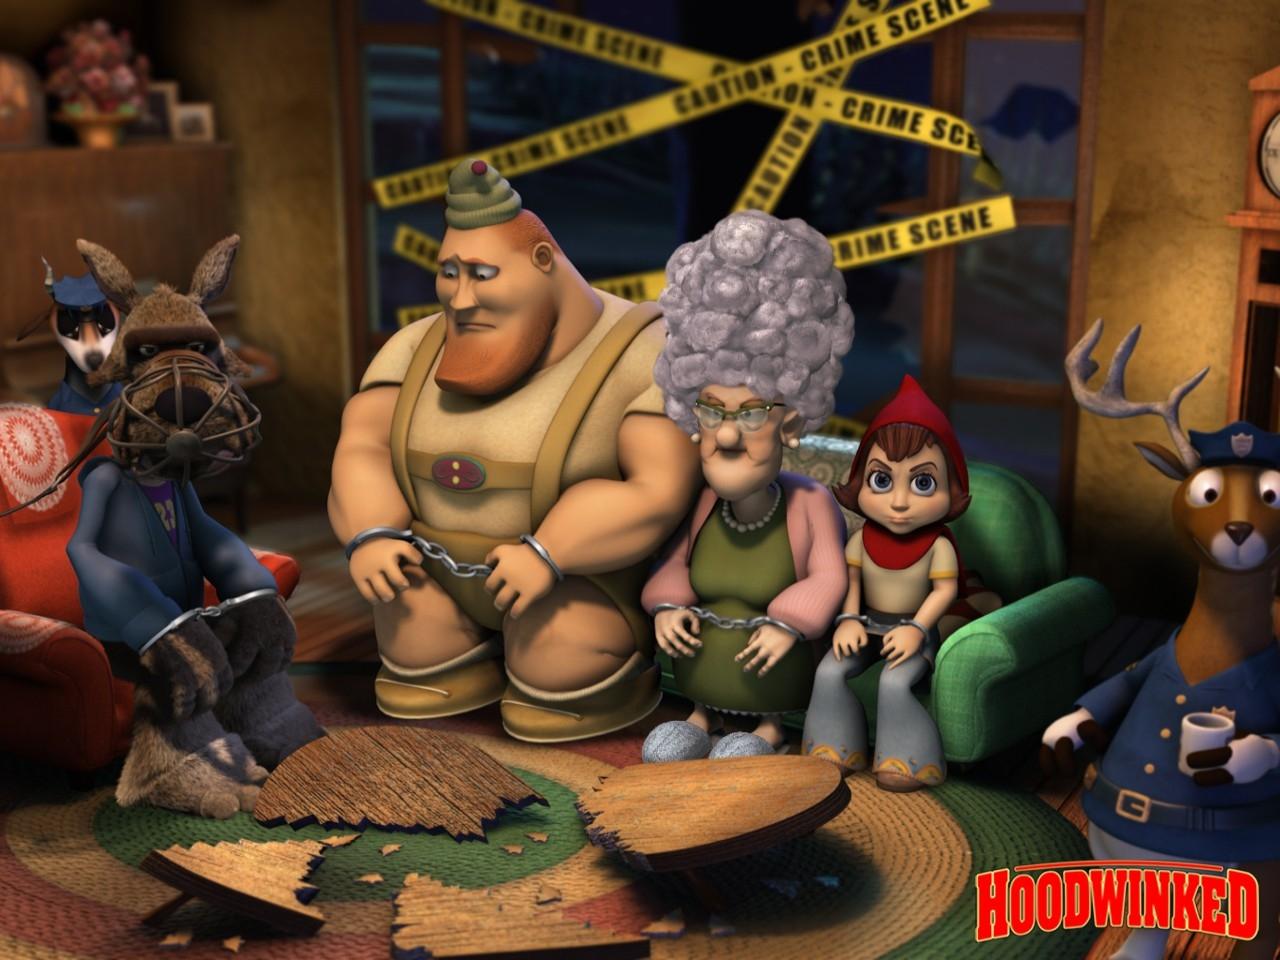 Wallpaper del film Cappuccetto rosso e gli insoliti sospetti con i protagonisti del film